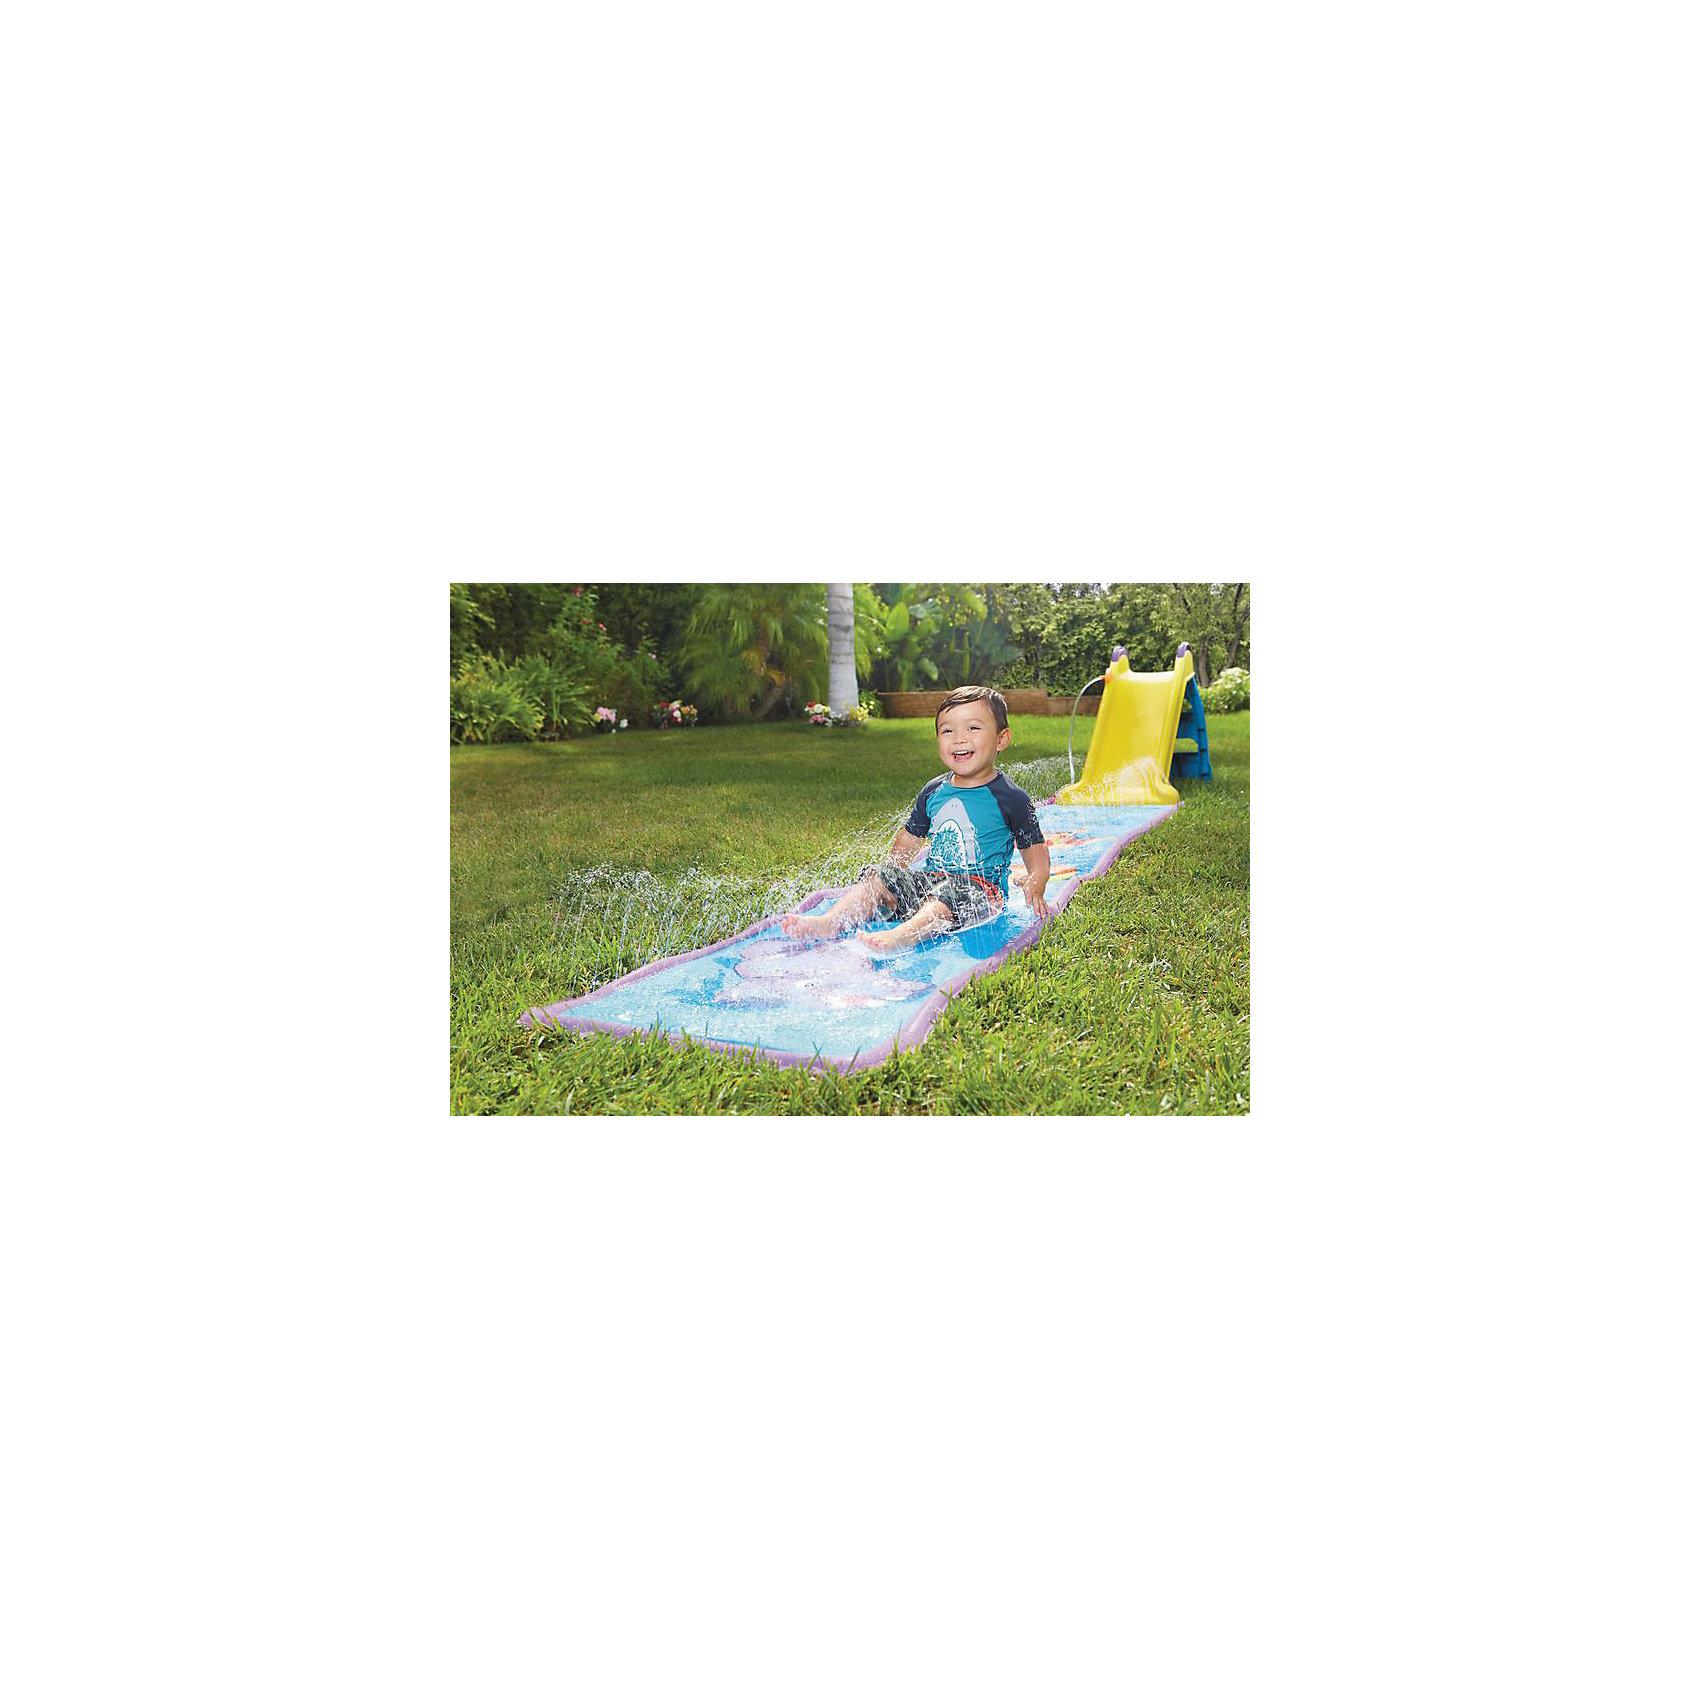 Горка, складная, с удлинненым скатом, Little TikesГорка Little Tikes - отличный атрибут для активного отдыха на свежем воздухе! Она оснащена удлиненным скатом, на яркой поверхности которого изображены веселые животные. Вода превратит катание с горки в веселое, увлекательное развлечение! Заполните скат водой - при катании ребенка она под действием давления будет брызгать из специальных отверстий веселыми фонтанчиками! Горка выполнена из пластика высокого качества, прочного и безопасного для детей. Для дополнительного удобства и безопасности ребенка горка оснащена широкими ручками-держателями, которые помогут крохе взобраться наверх.<br>При монтаже горки не требуются инструменты, она достаточно легко собирается и разбирается, при этом устойчиво стоит на поверхности.<br><br>Дополнительная информация:<br><br>- Материал: пластик.<br>- Максимальный нагрузка: 27 кг.<br>- Длина ската: 3 м.<br><br>Горку складную, с удлинённым скатом, Little Tikes (Литл Тайкс), можно купить в нашем магазине.<br><br>Ширина мм: 1160<br>Глубина мм: 510<br>Высота мм: 230<br>Вес г: 5360<br>Возраст от месяцев: 36<br>Возраст до месяцев: 96<br>Пол: Унисекс<br>Возраст: Детский<br>SKU: 4724046